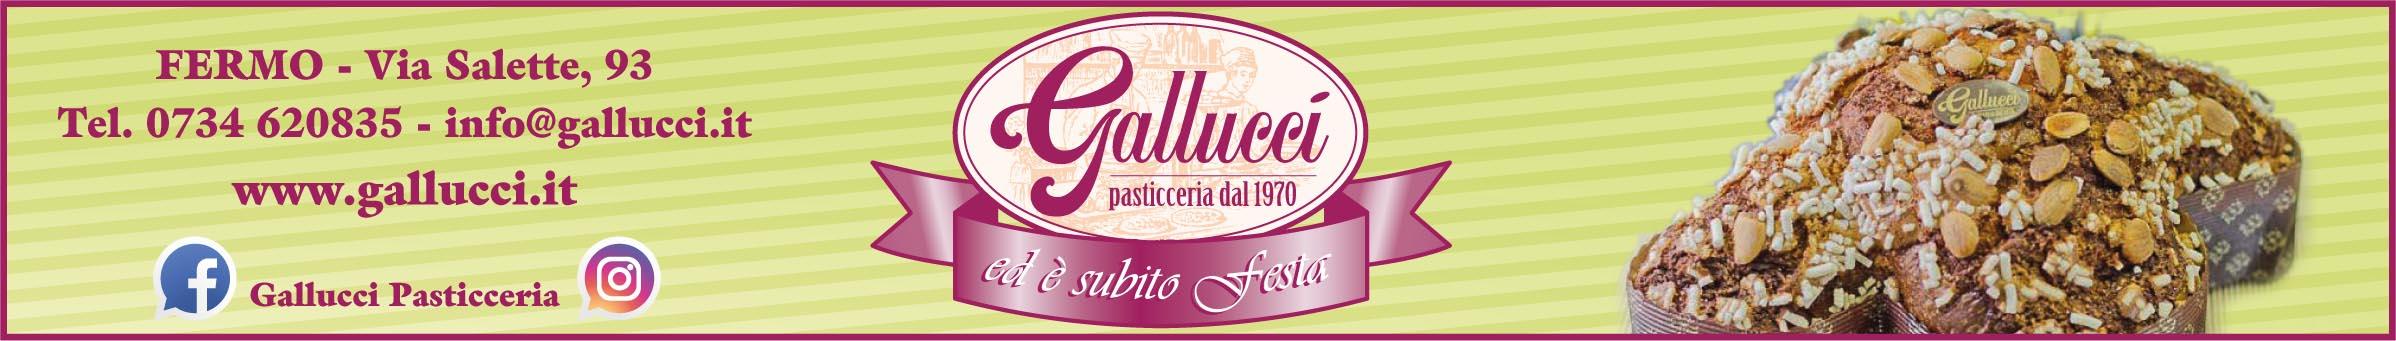 Gallucci - Marzo 2019